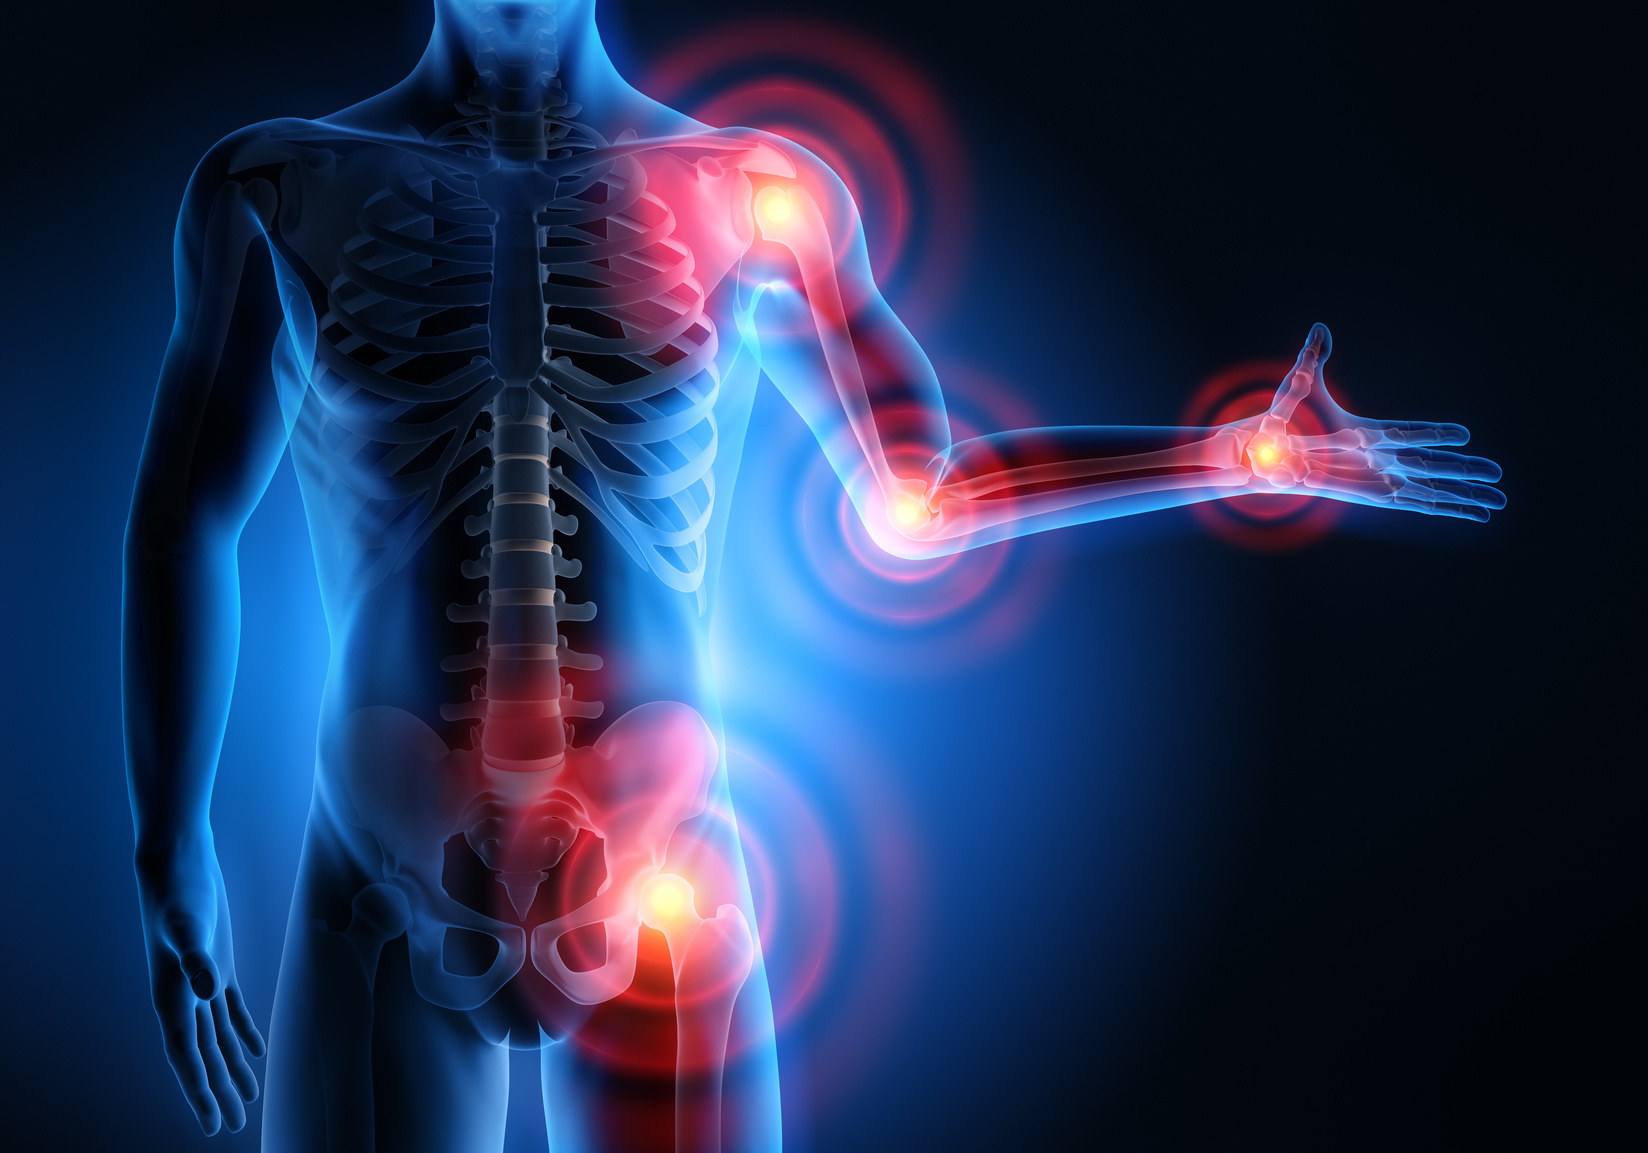 Détails importants que vous devez savoir sur l'arthrose